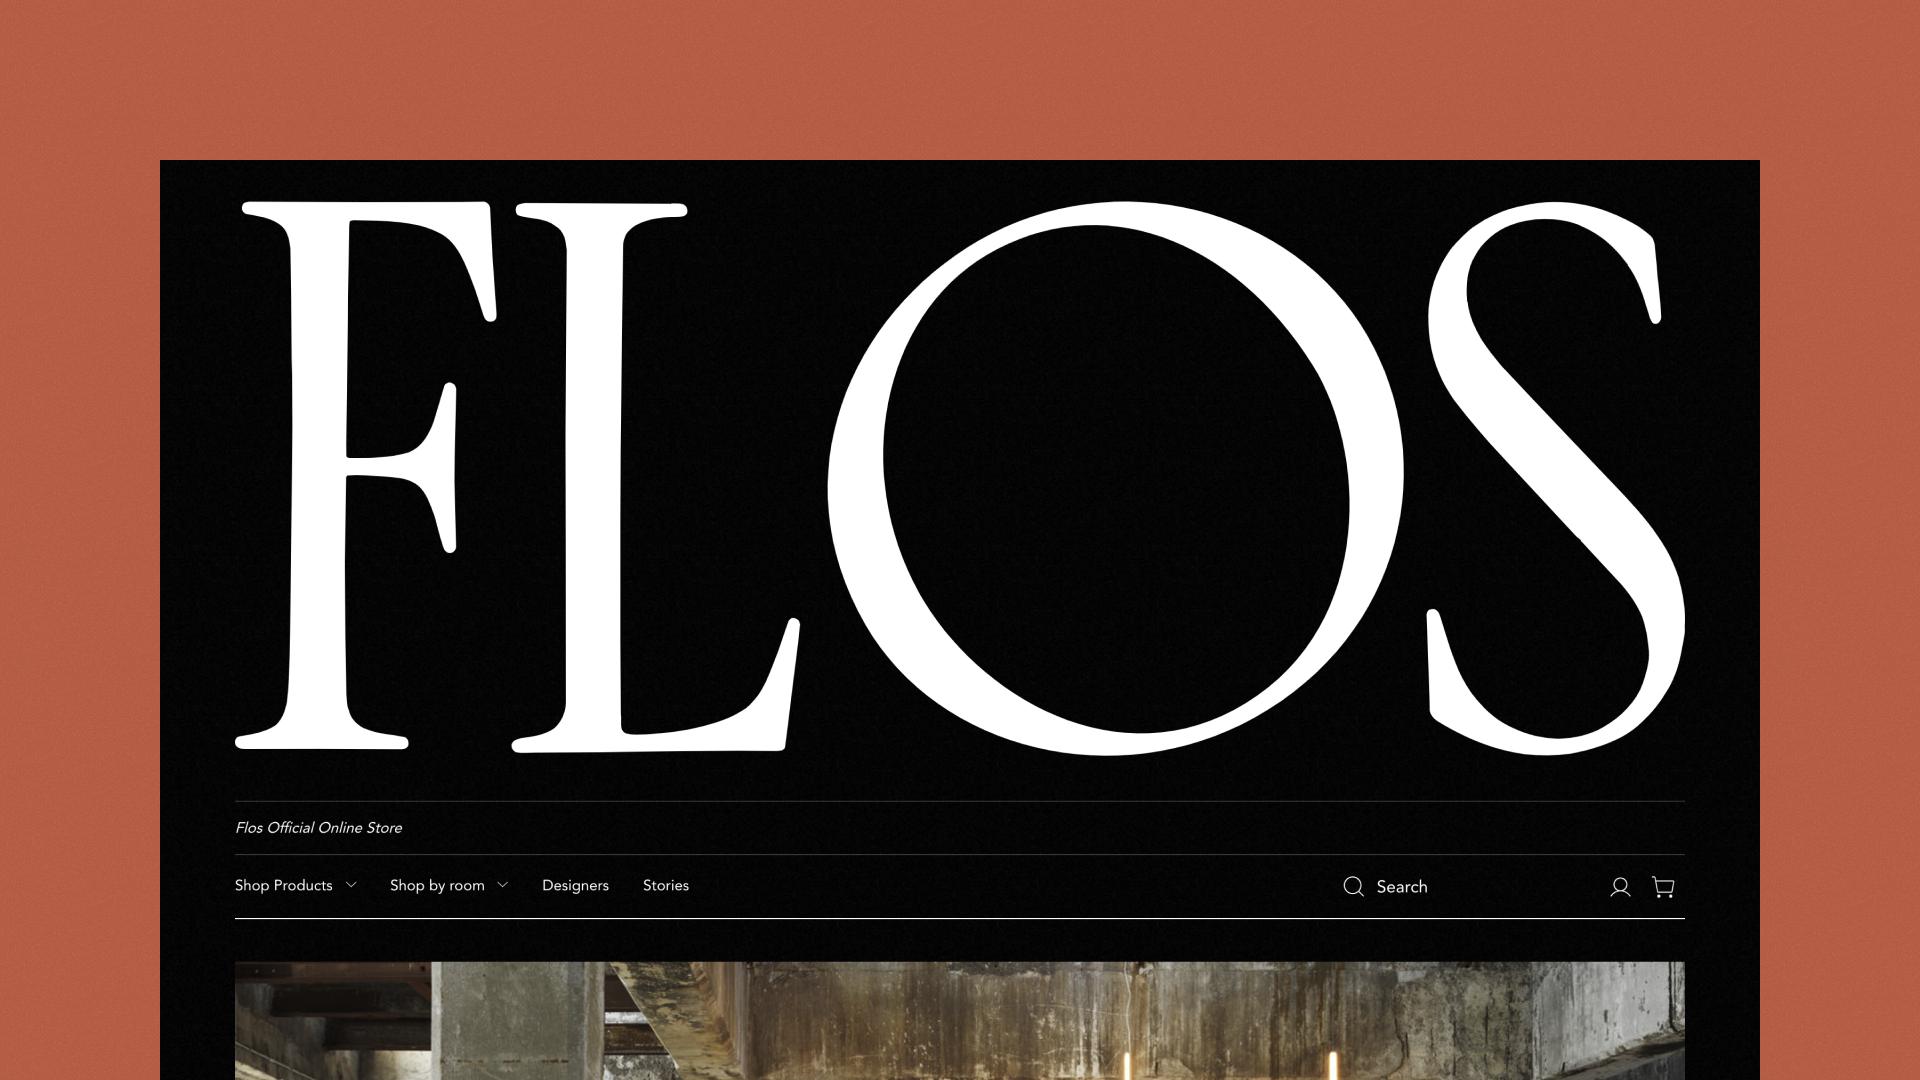 Flos Image 1